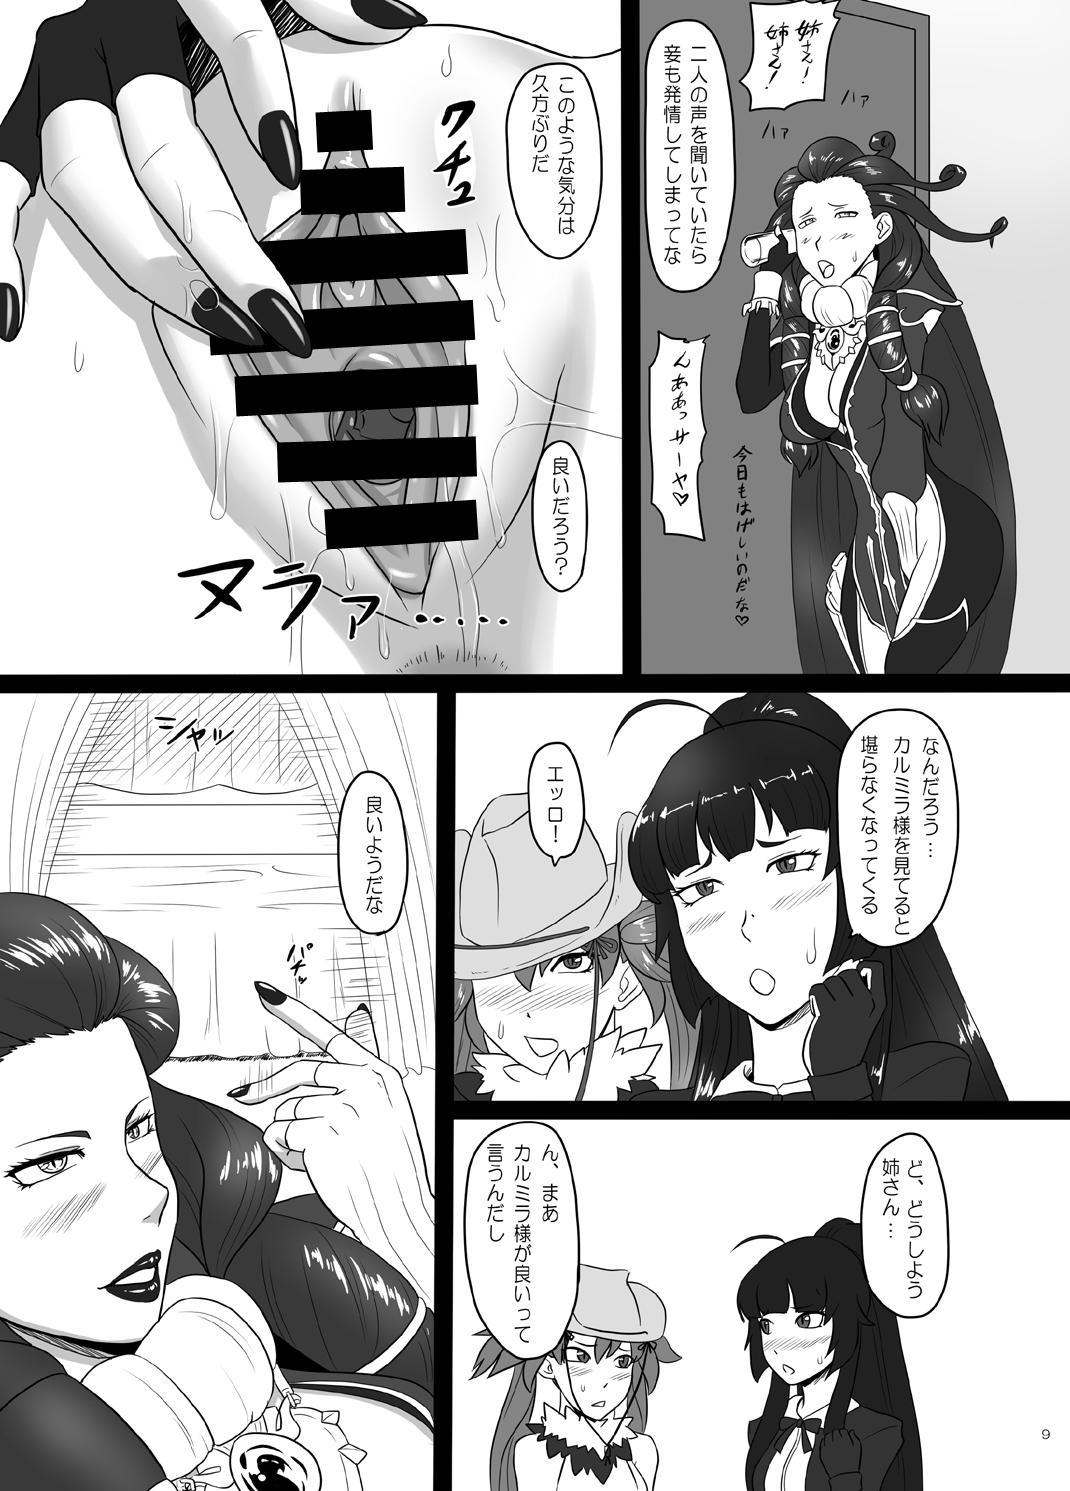 RenZetsu no Shimai 3 8